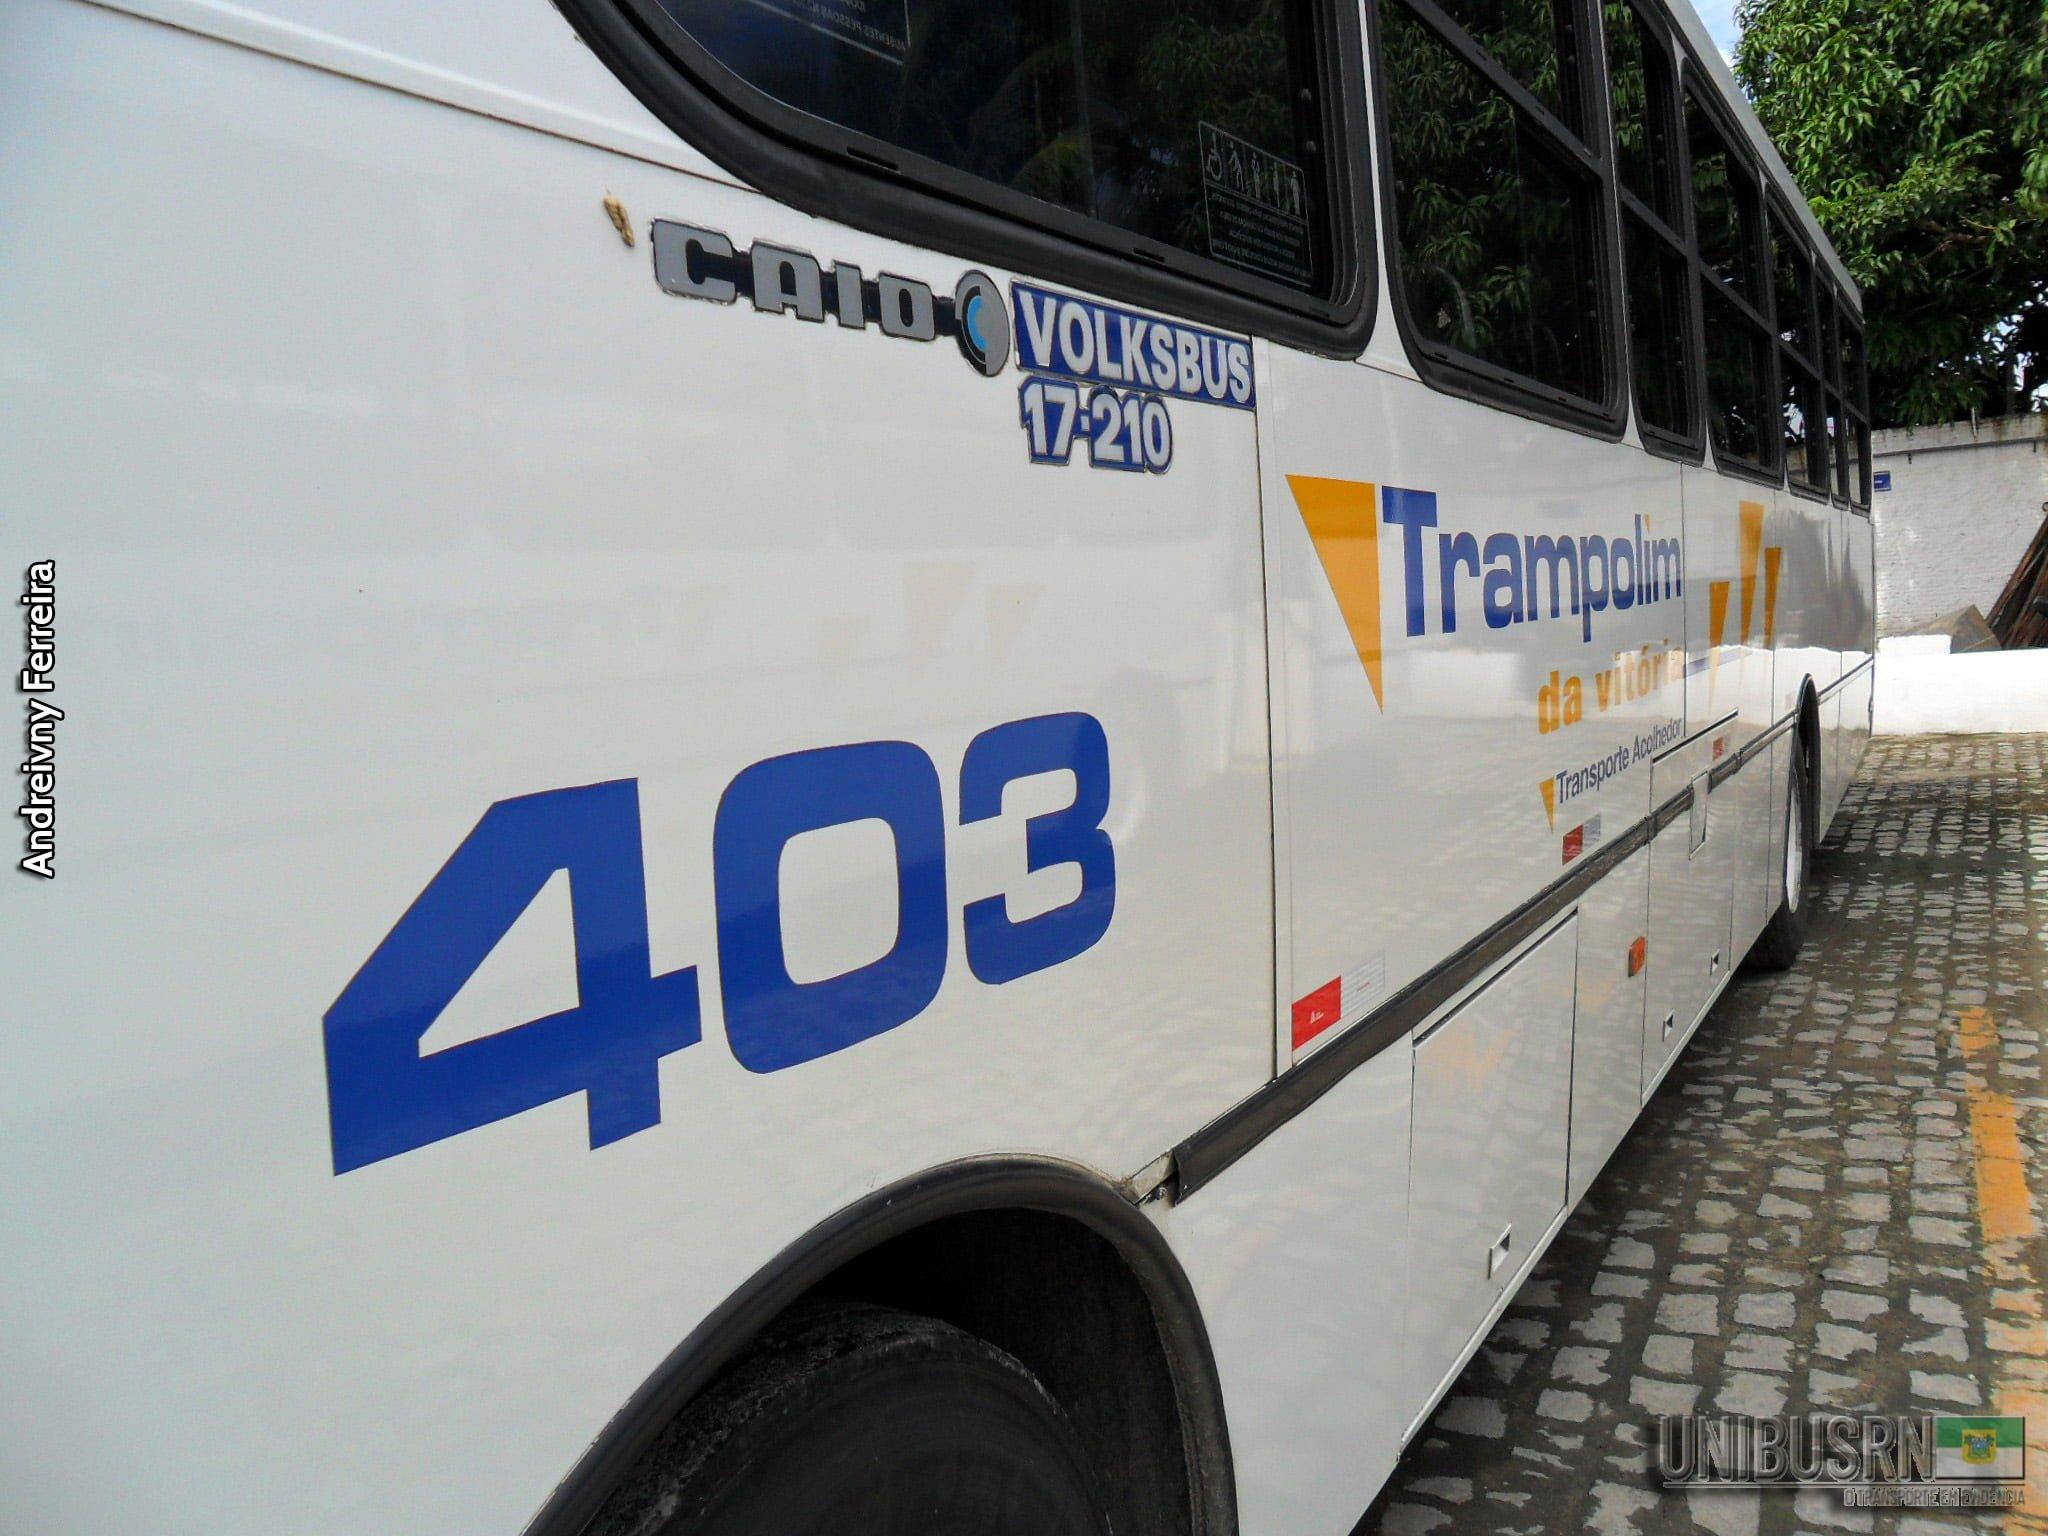 #TBT UNIBUS RN: Trampolim da Vitória, 403